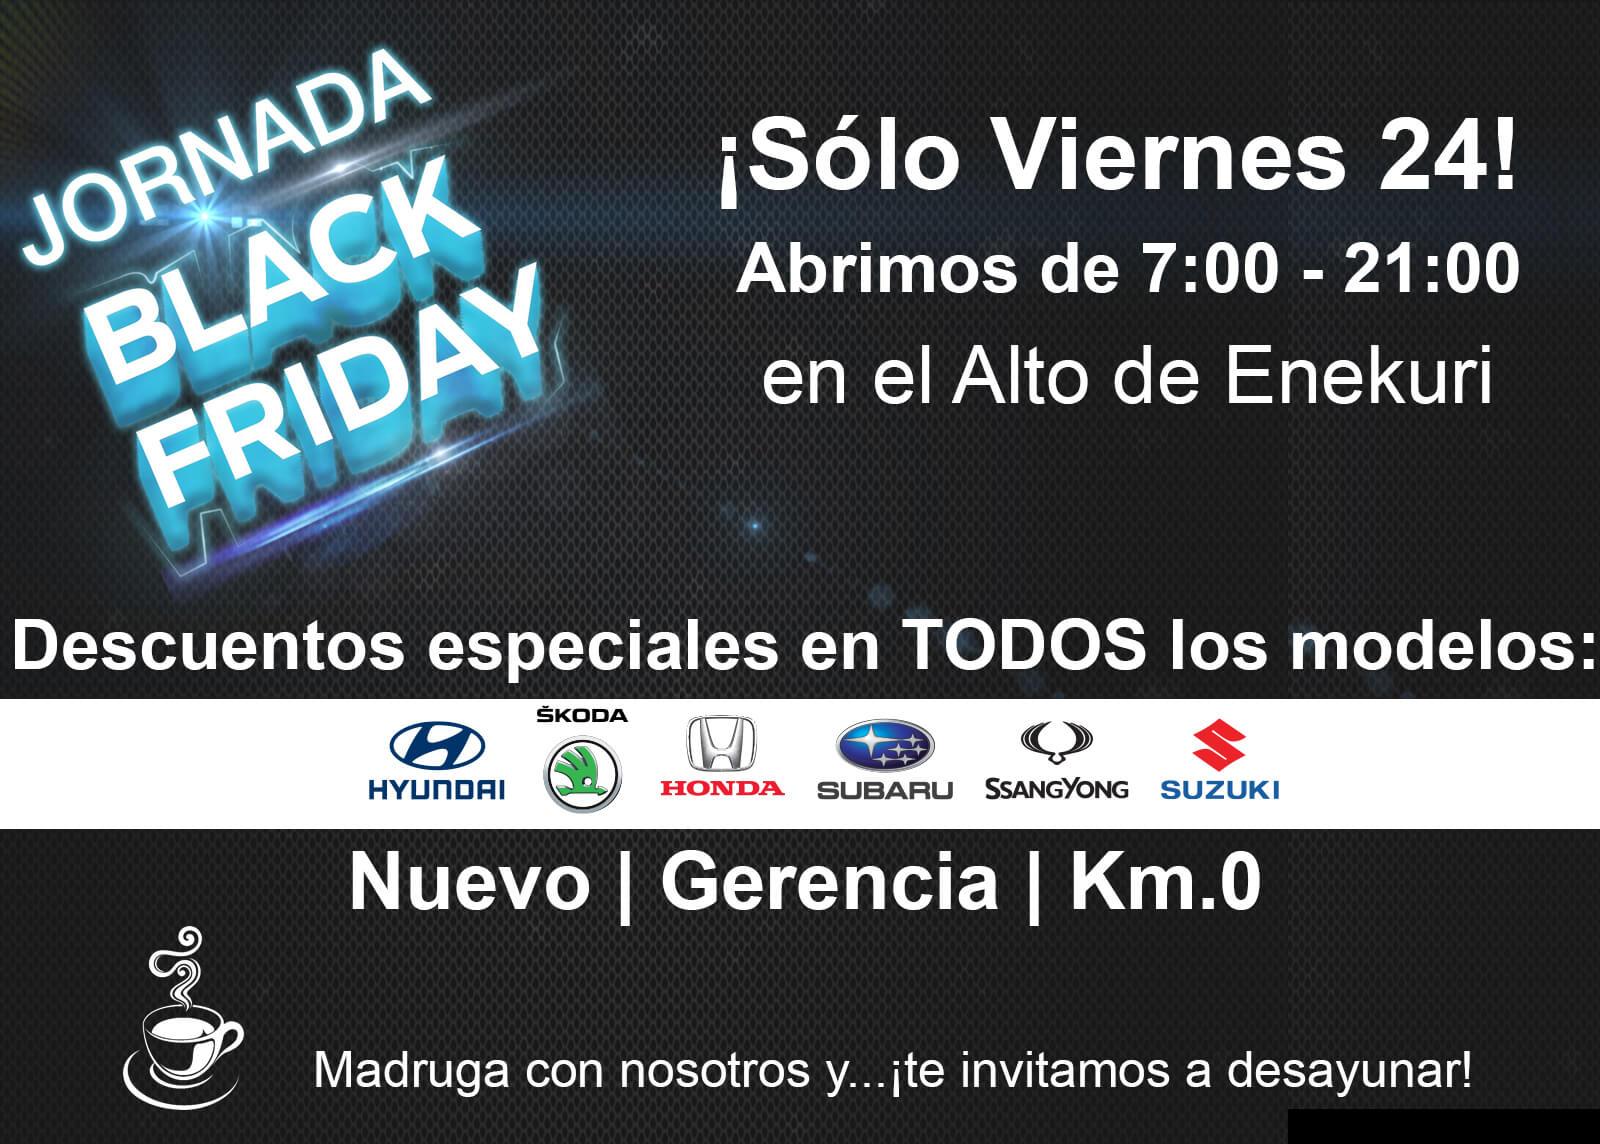 Black Friday Viernes 24 ofertas exclusivas